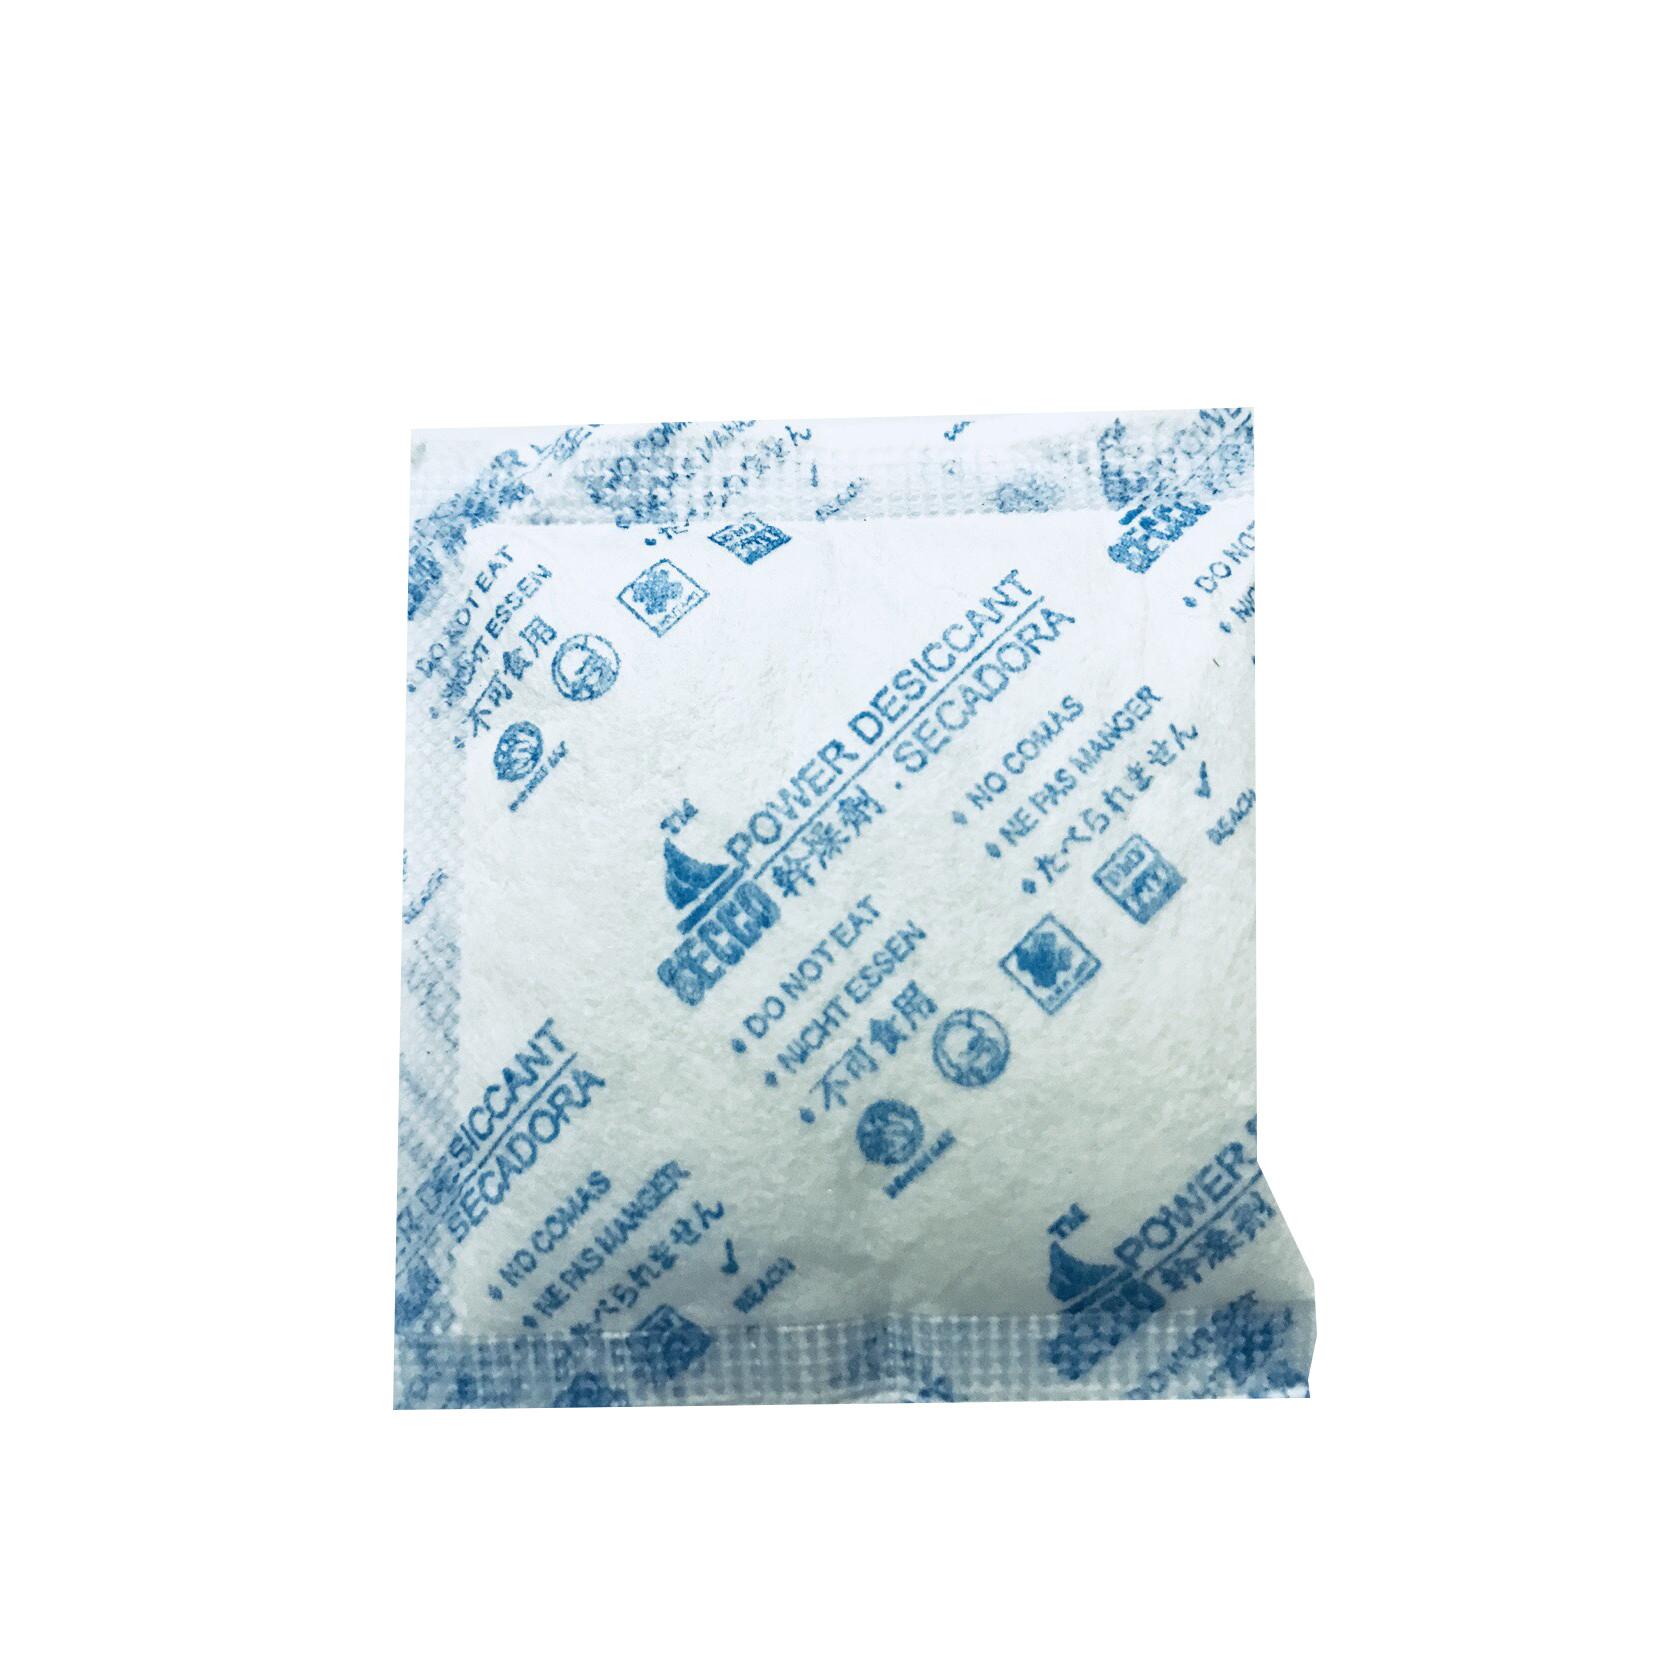 1 Kg túi hút ẩm silica gel loại 50gram/gói, thương hiệu secco - Hàng chính hãng